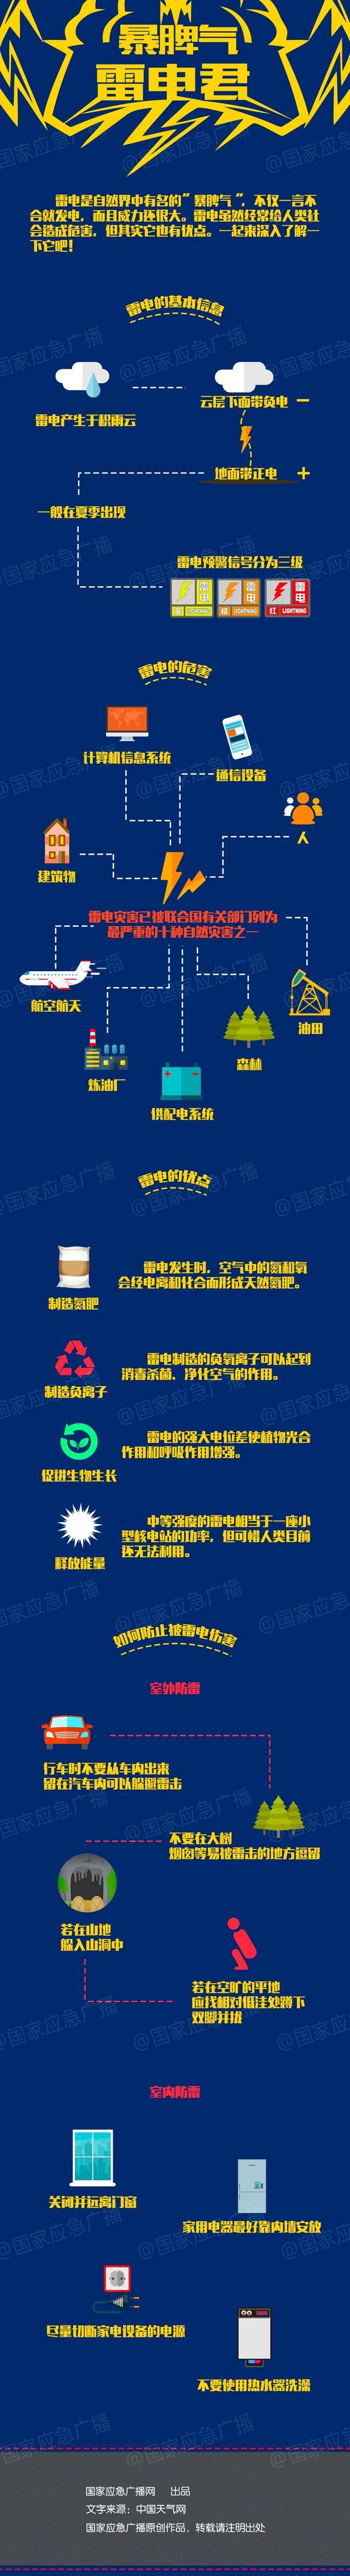 「雷电预警」5月11日滨州市气象局发布雷电黄色预警「III级/较重」